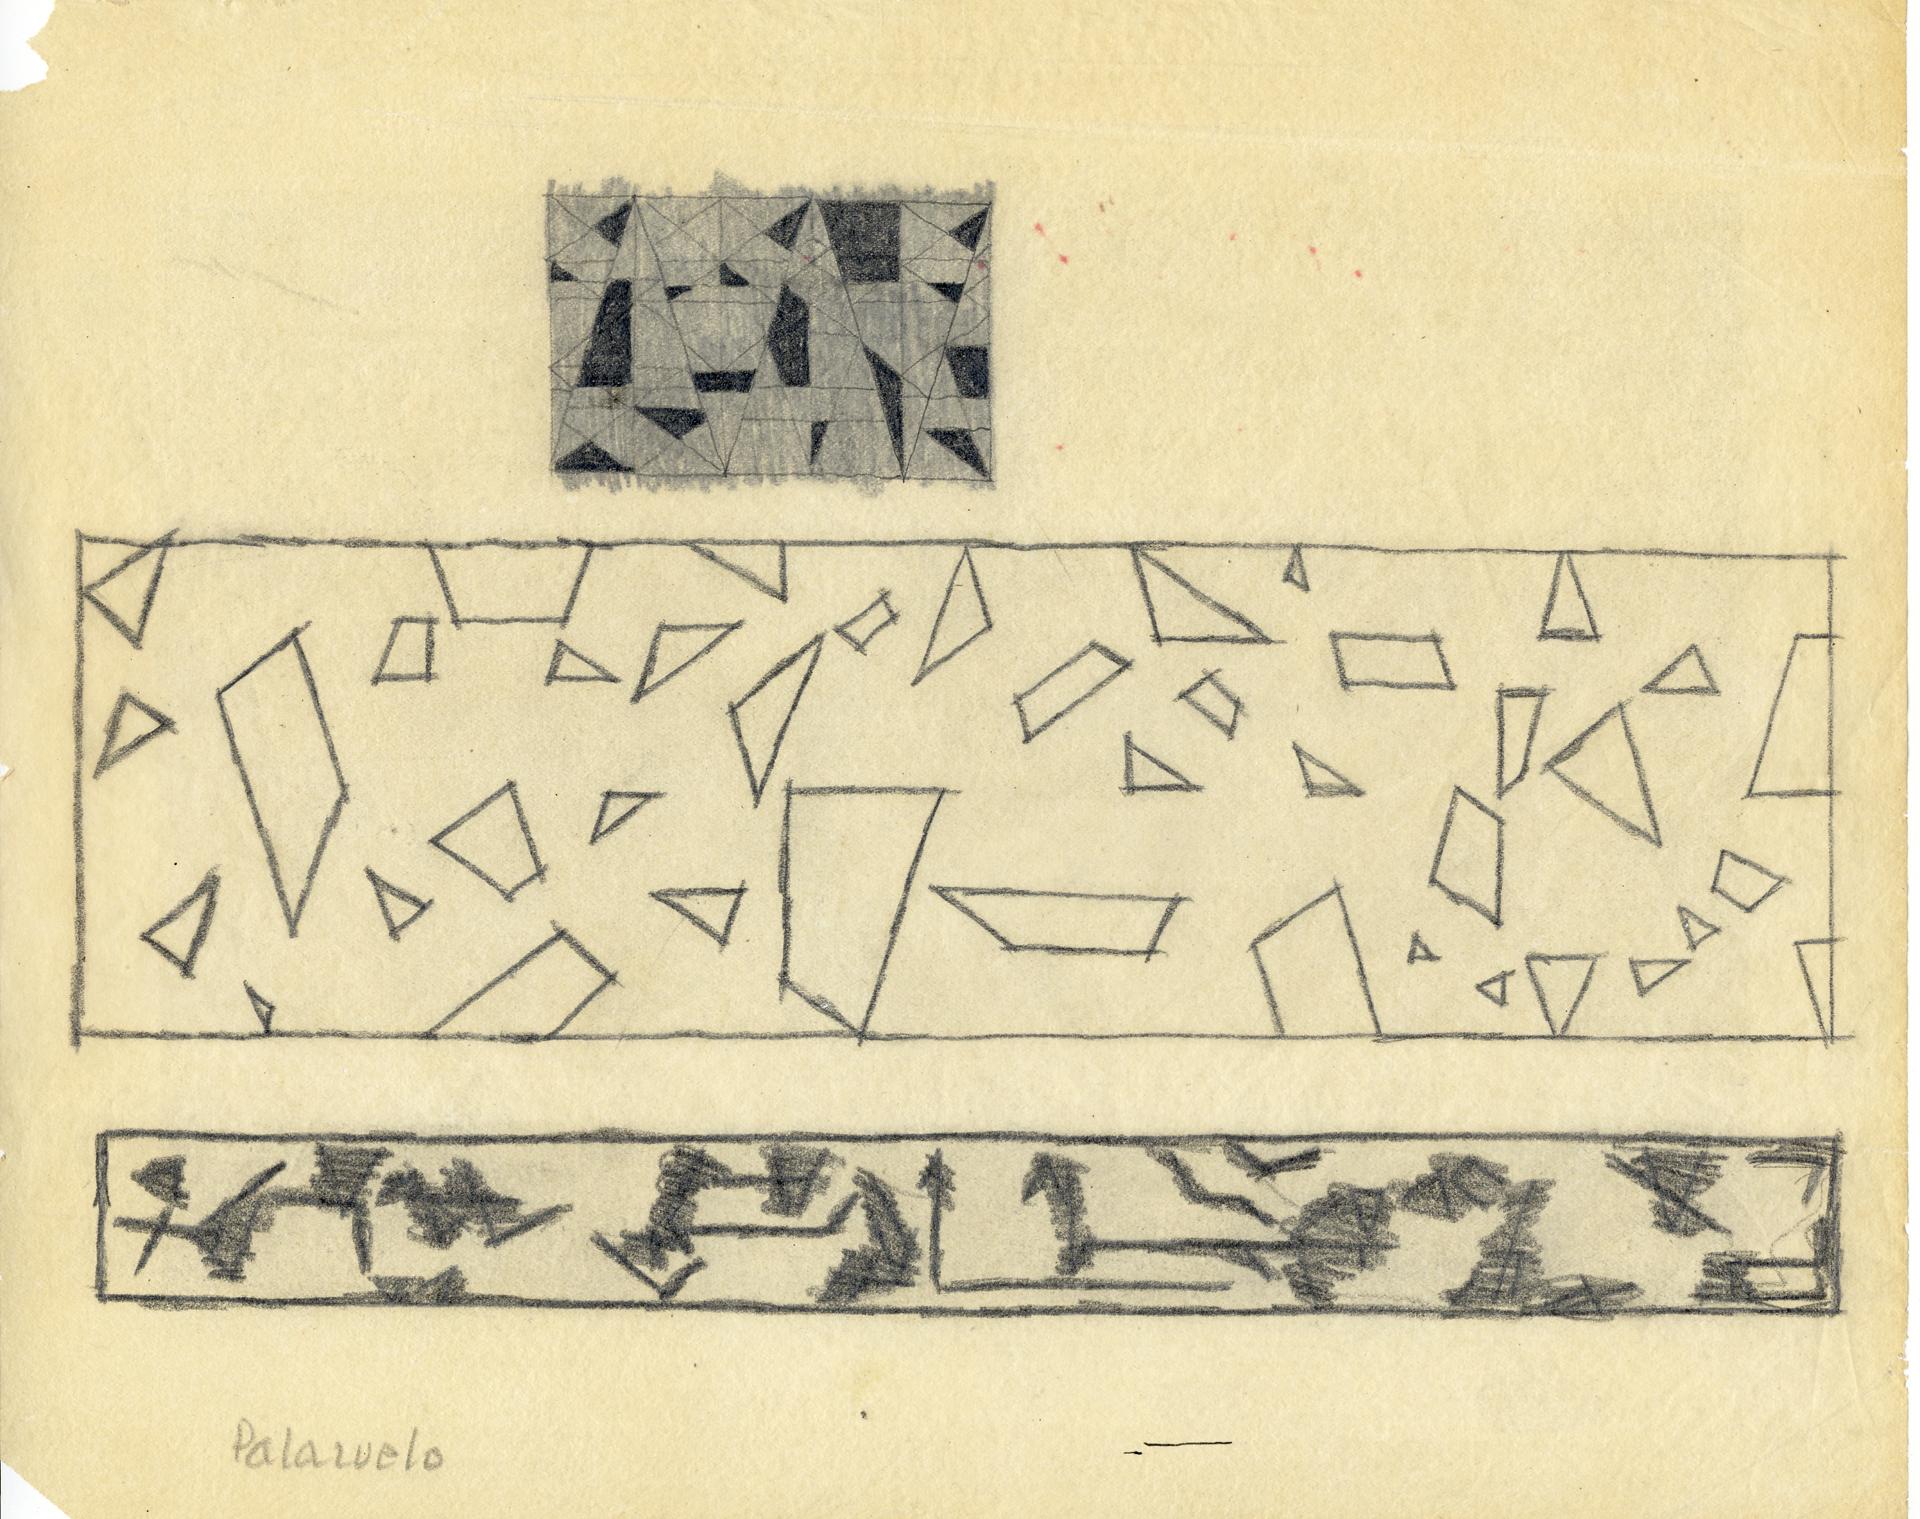 """Dibujo """"Sin título"""" de Pablo Palazuelo. Lápiz sobre papel. c.1950"""